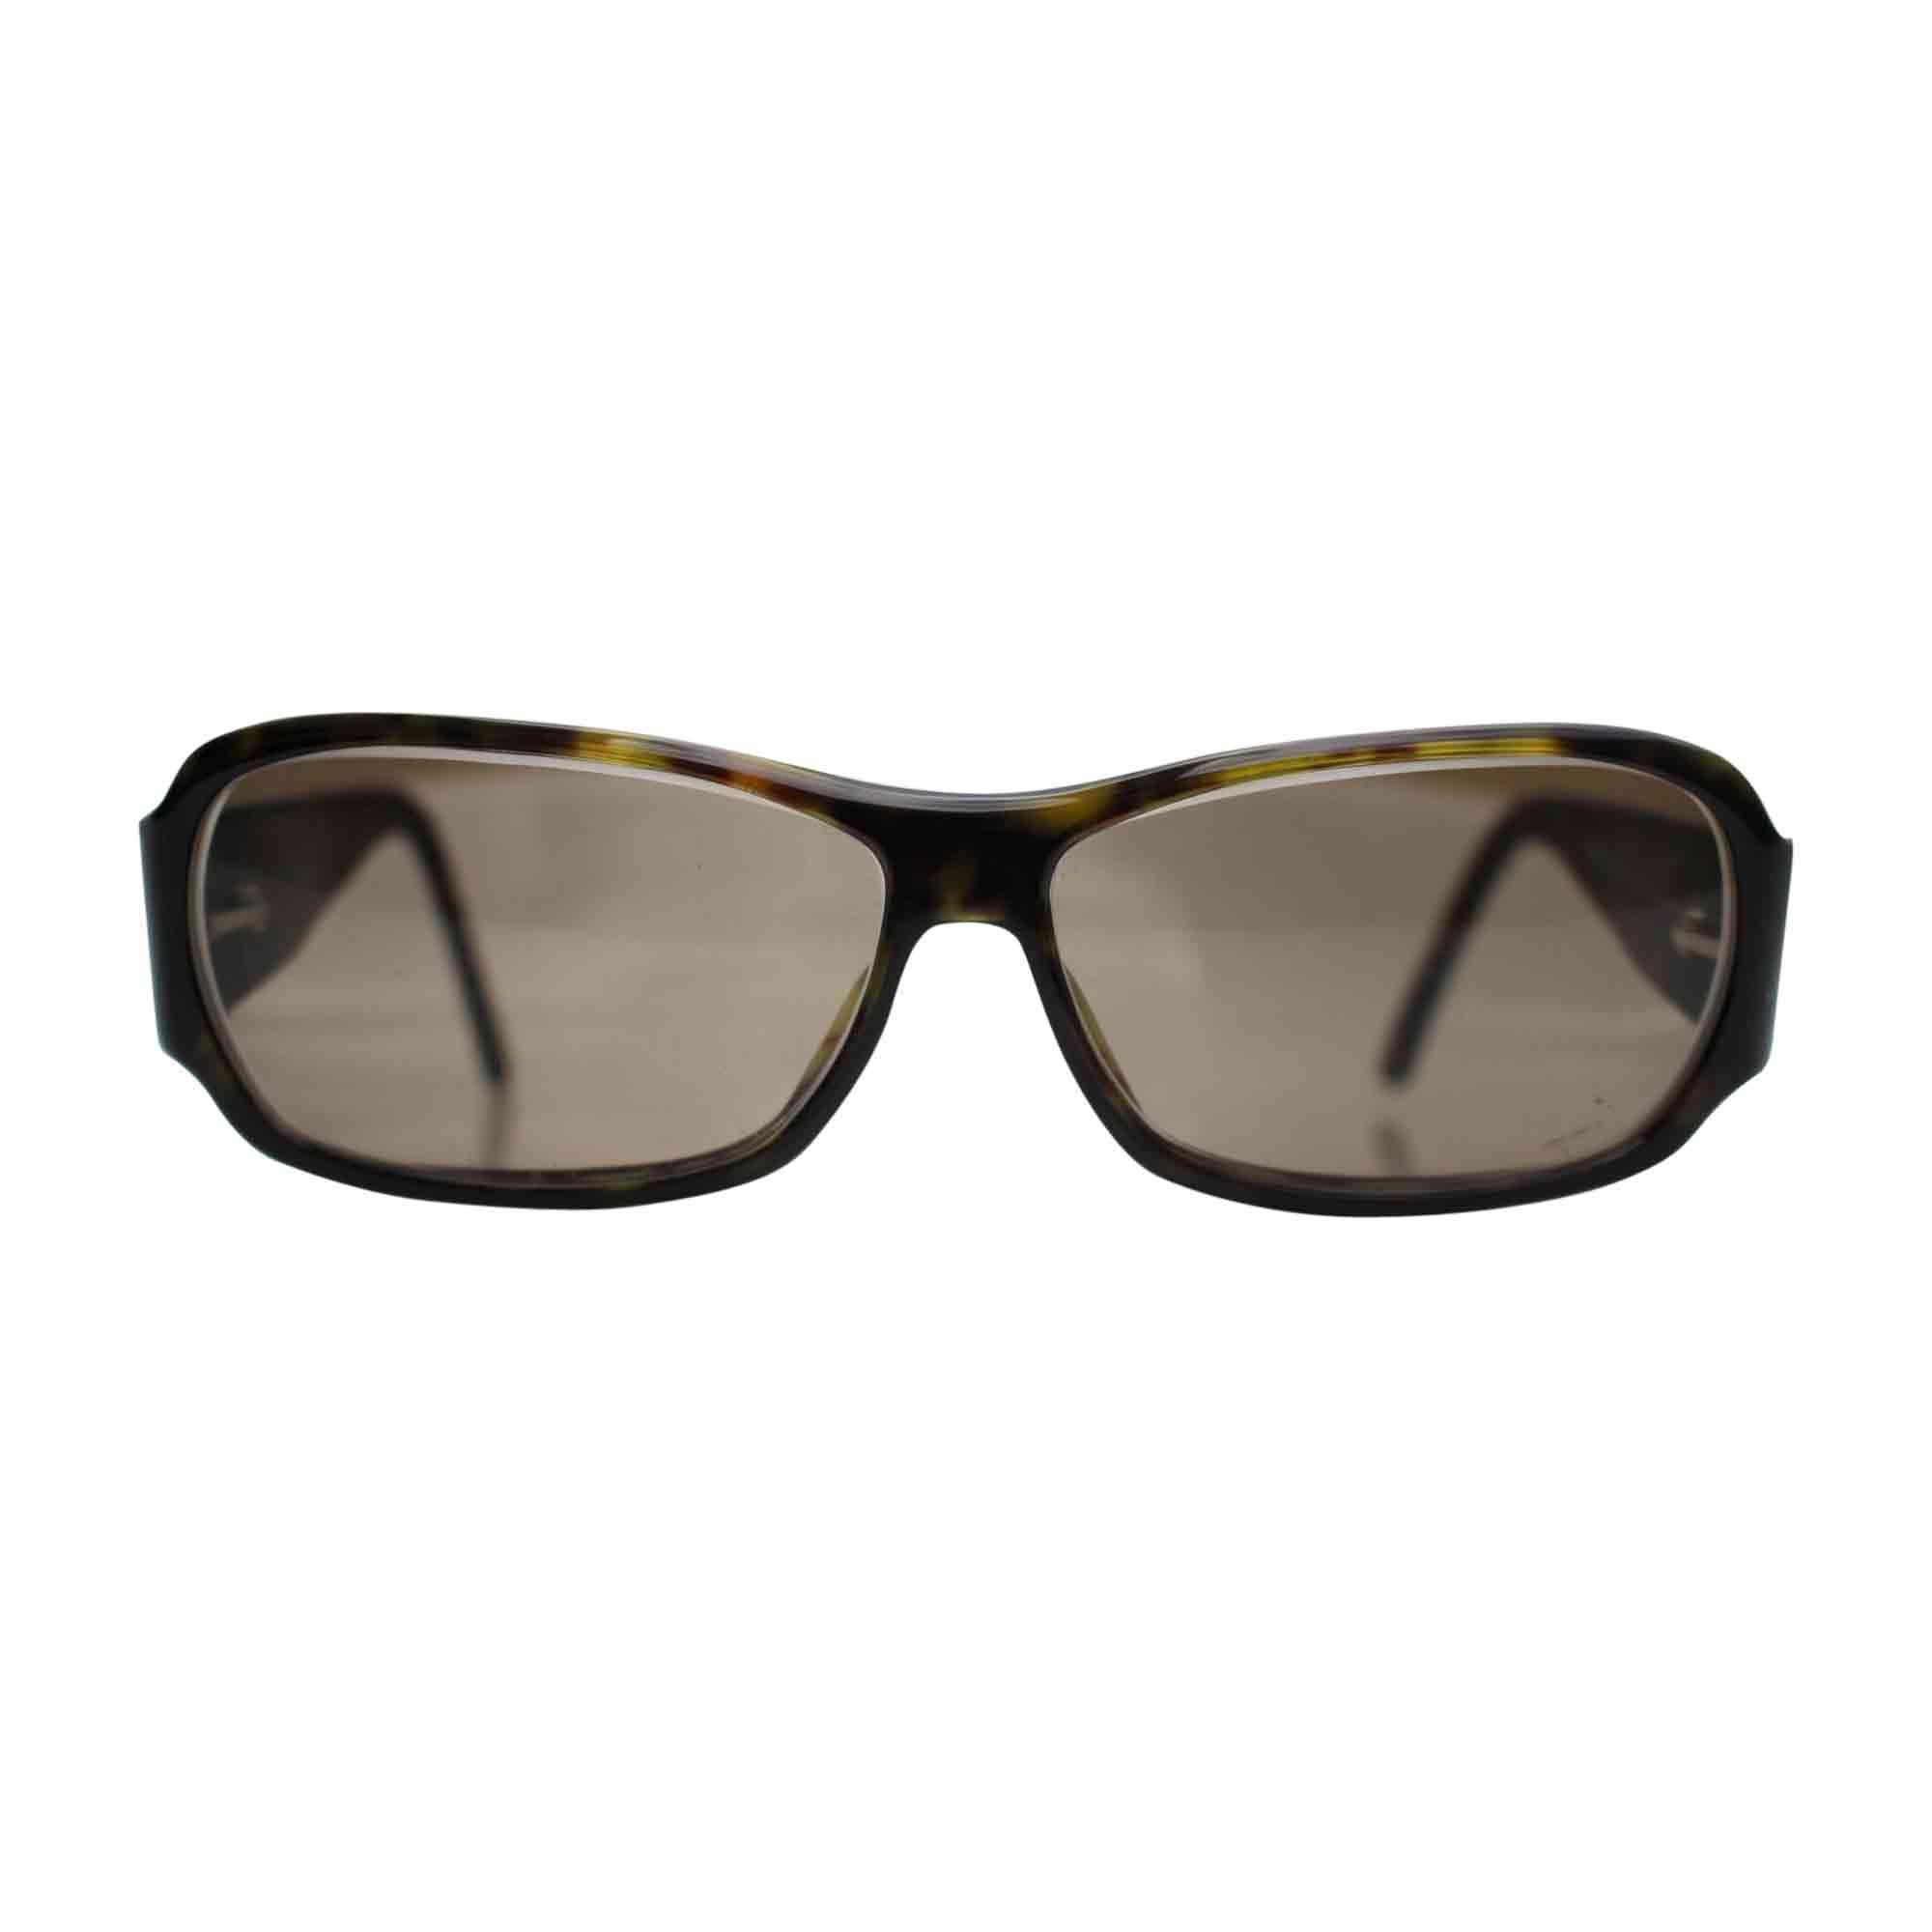 c37badfc2c5554 Monture de lunettes GUCCI imprimés animaliers - 6223767